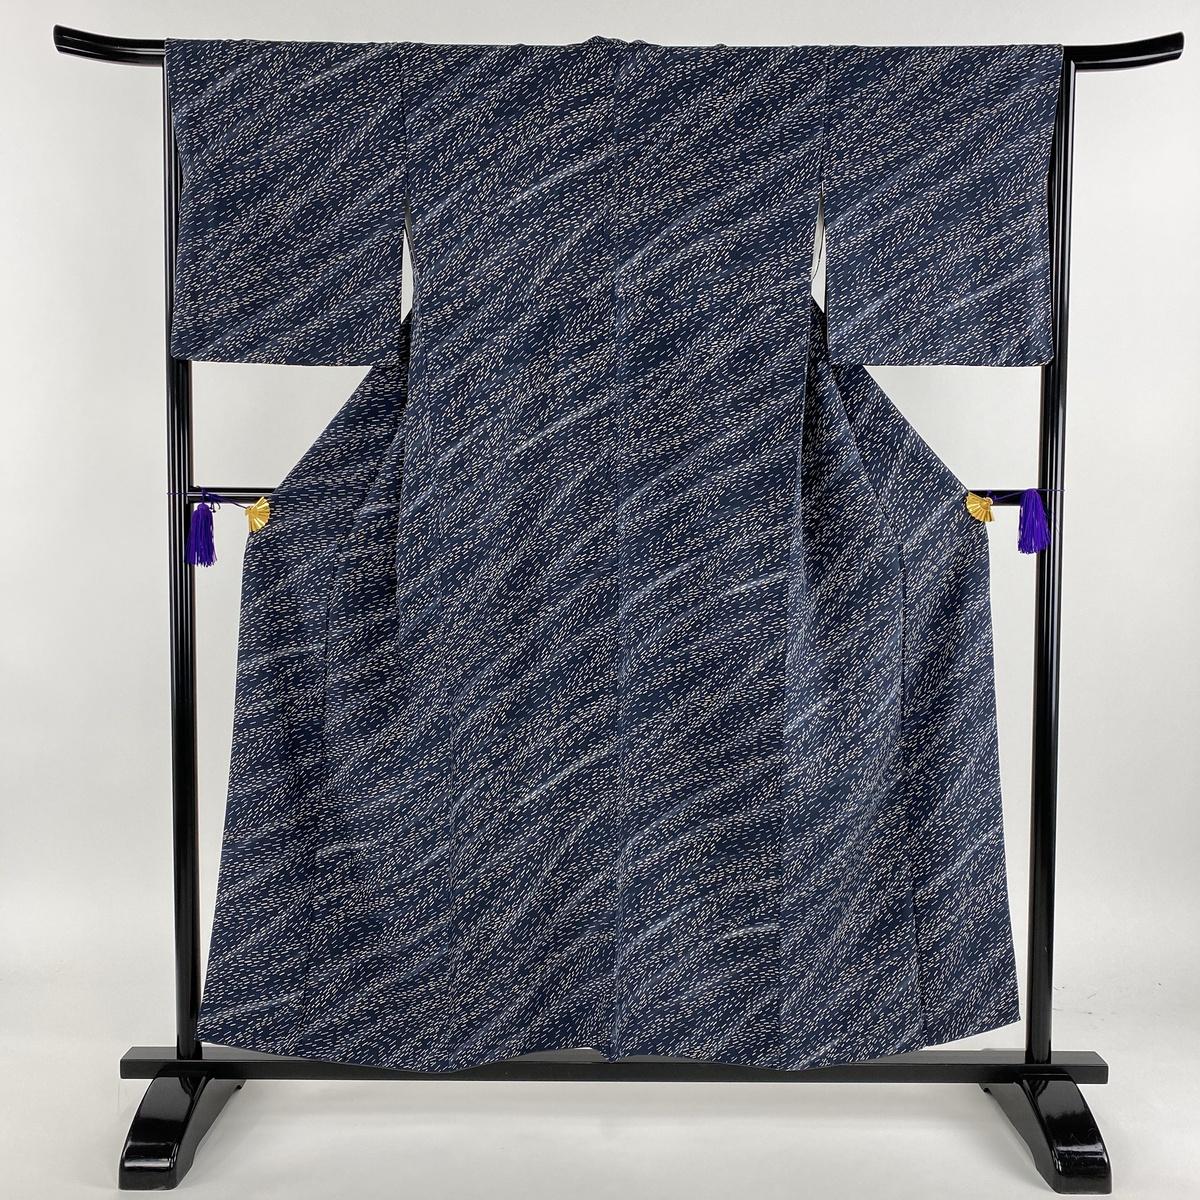 小紋 美品 秀品 幾何学模様 銀彩 青灰色 袷 身丈156cm 裄丈66cm M 正絹 【中古】